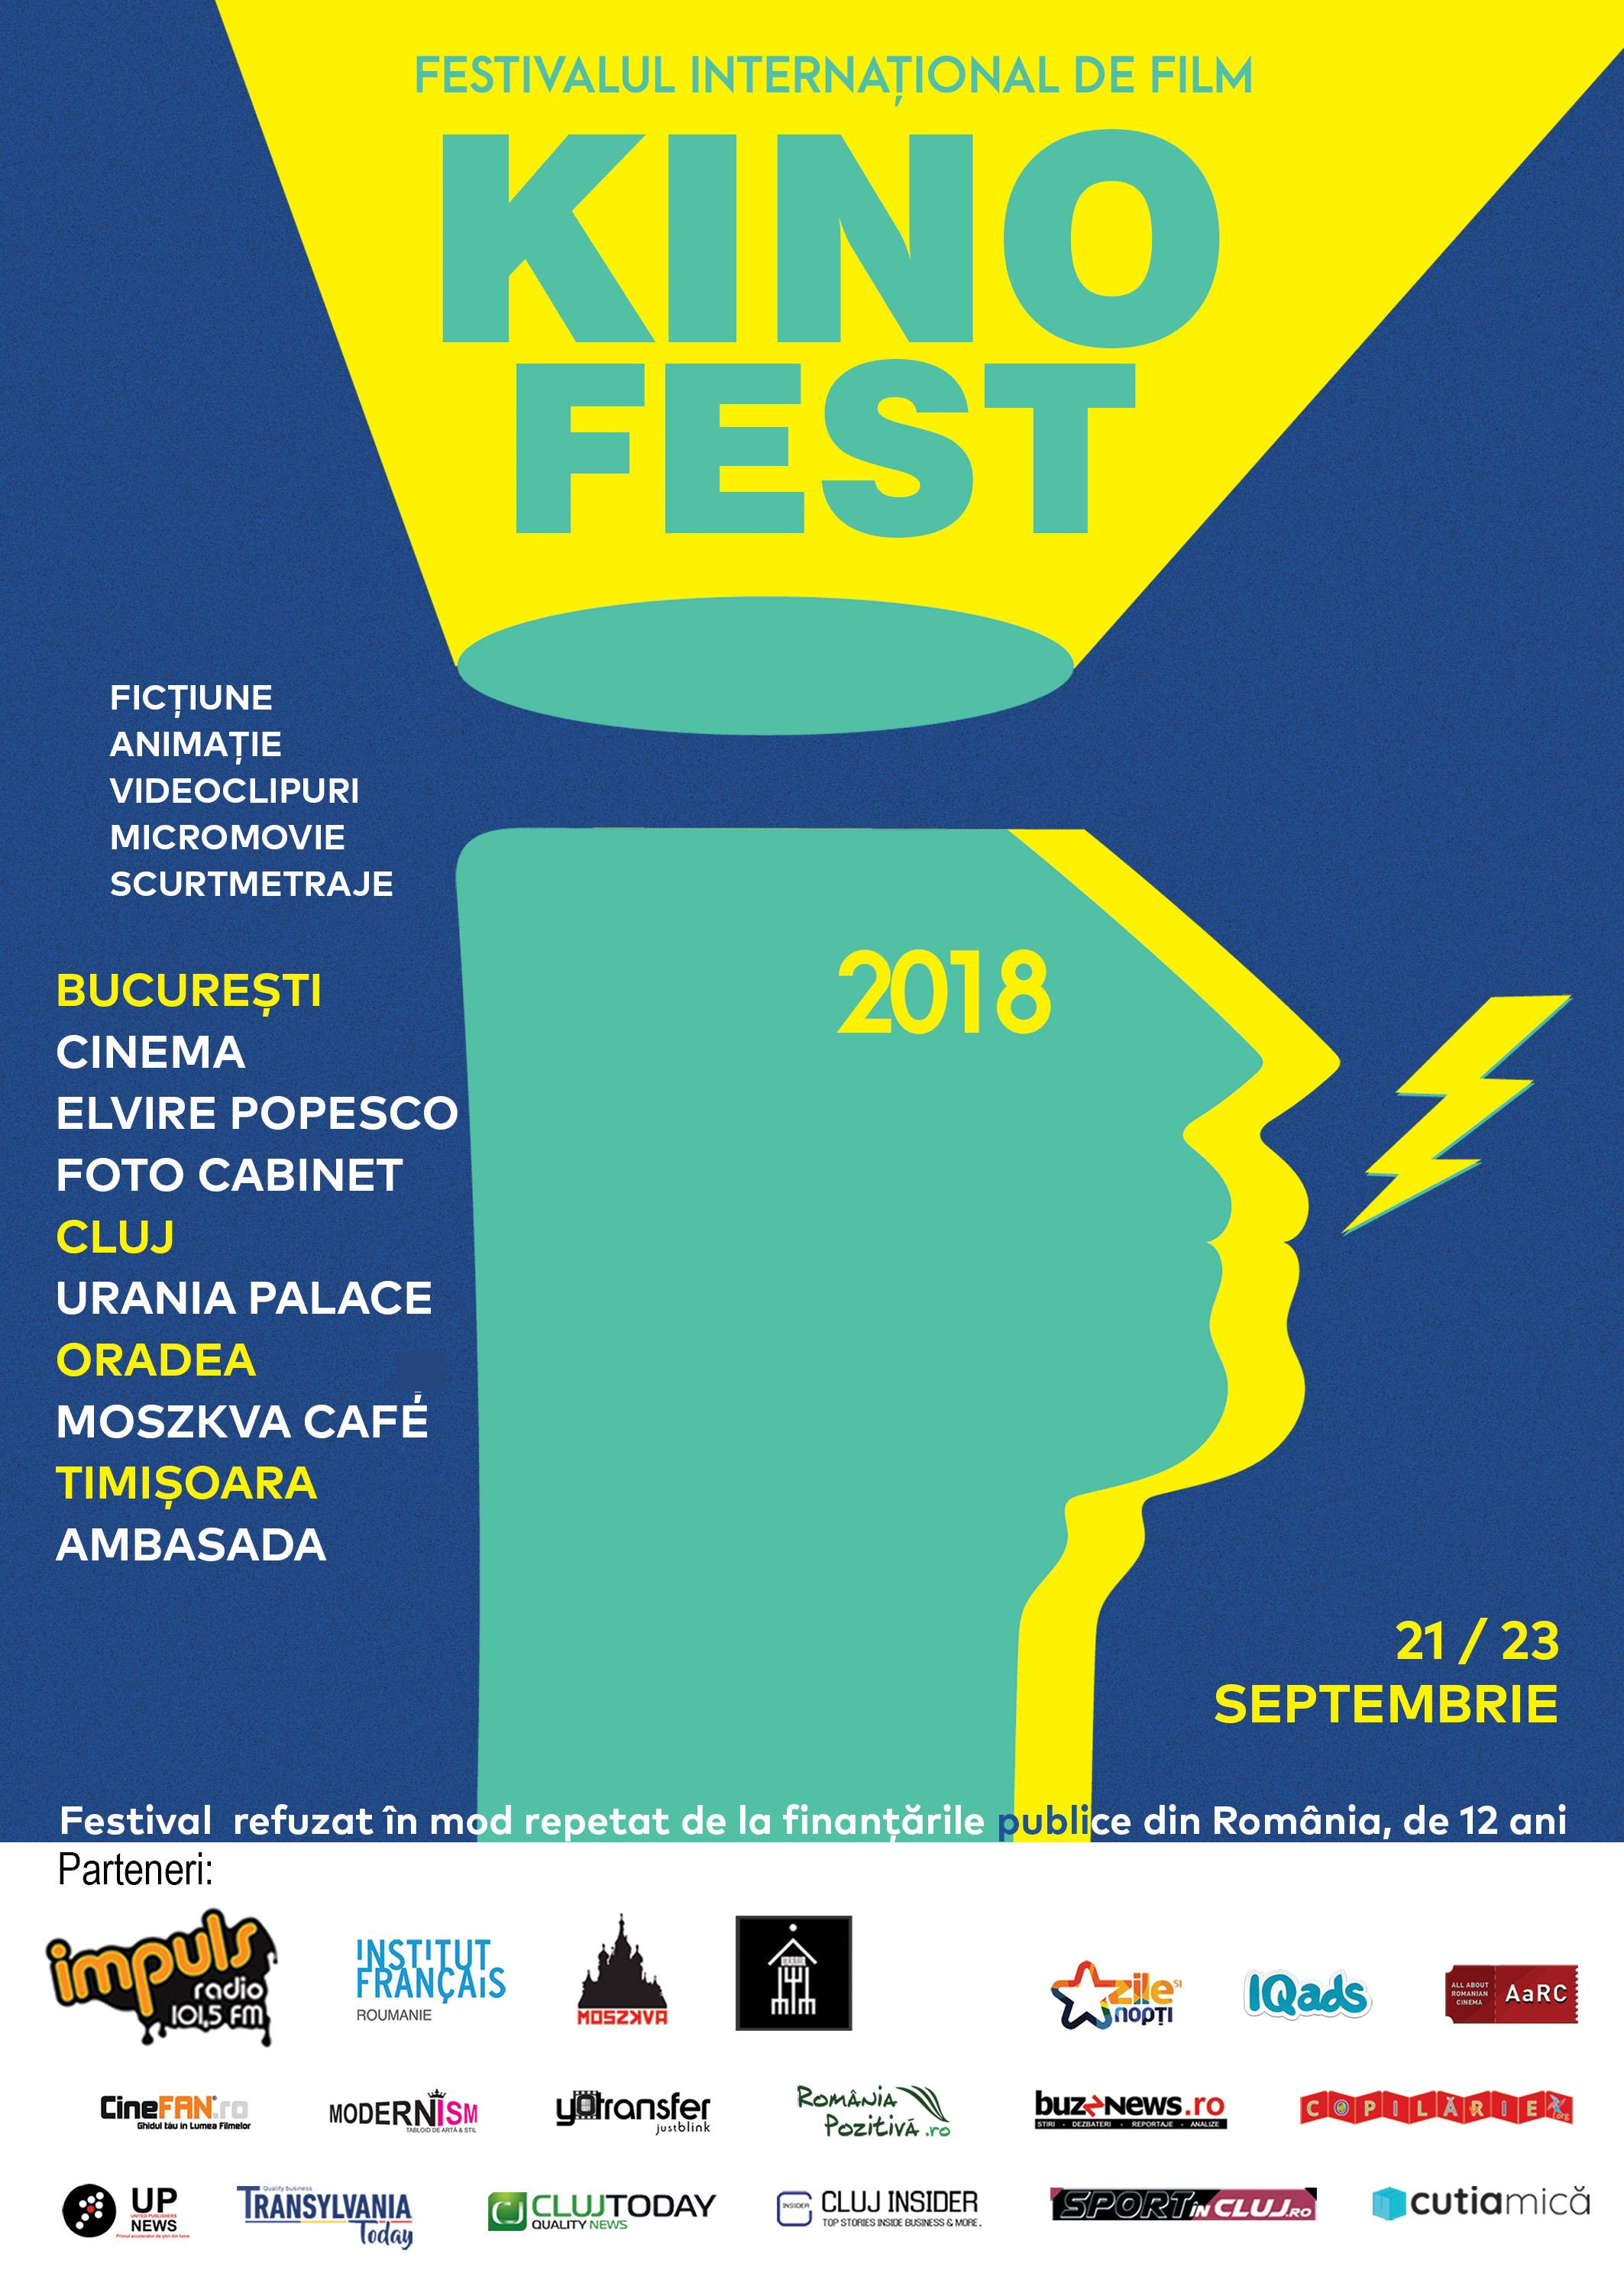 kinofest 2018